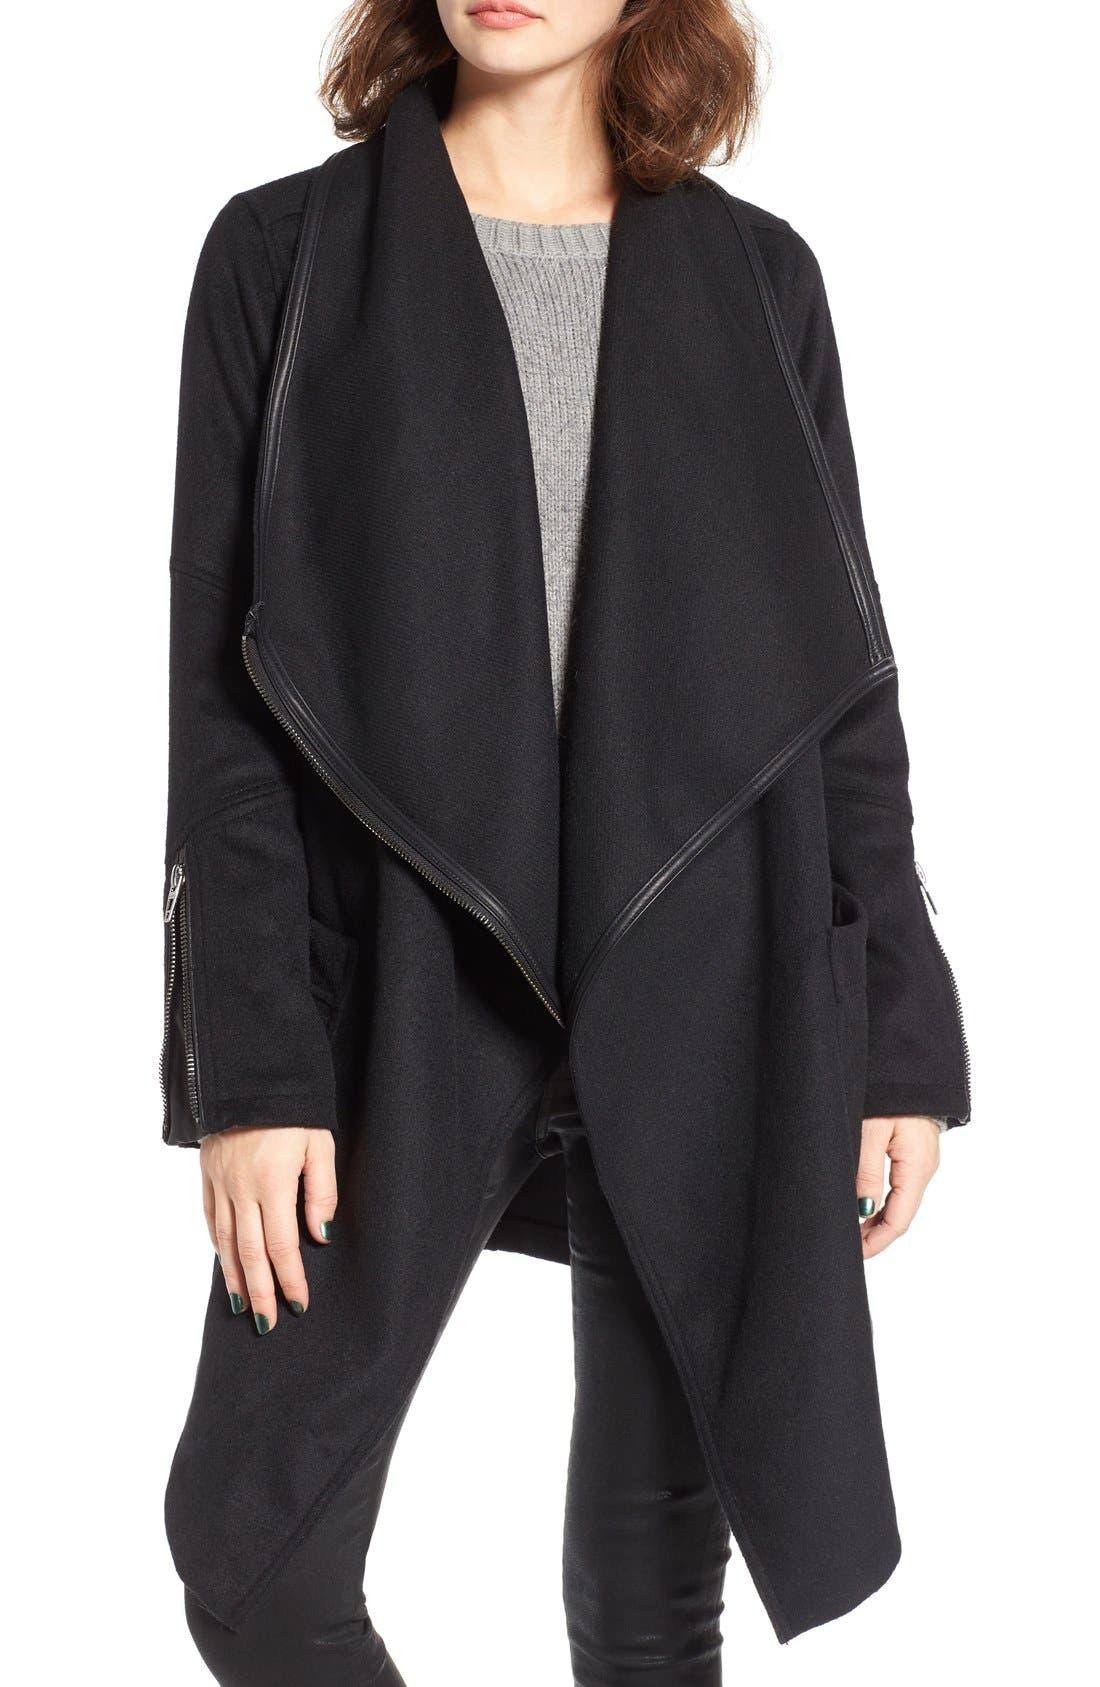 Alternate Image 1 Selected - BLANKNYC Blackout Wool Blend Drape Jacket